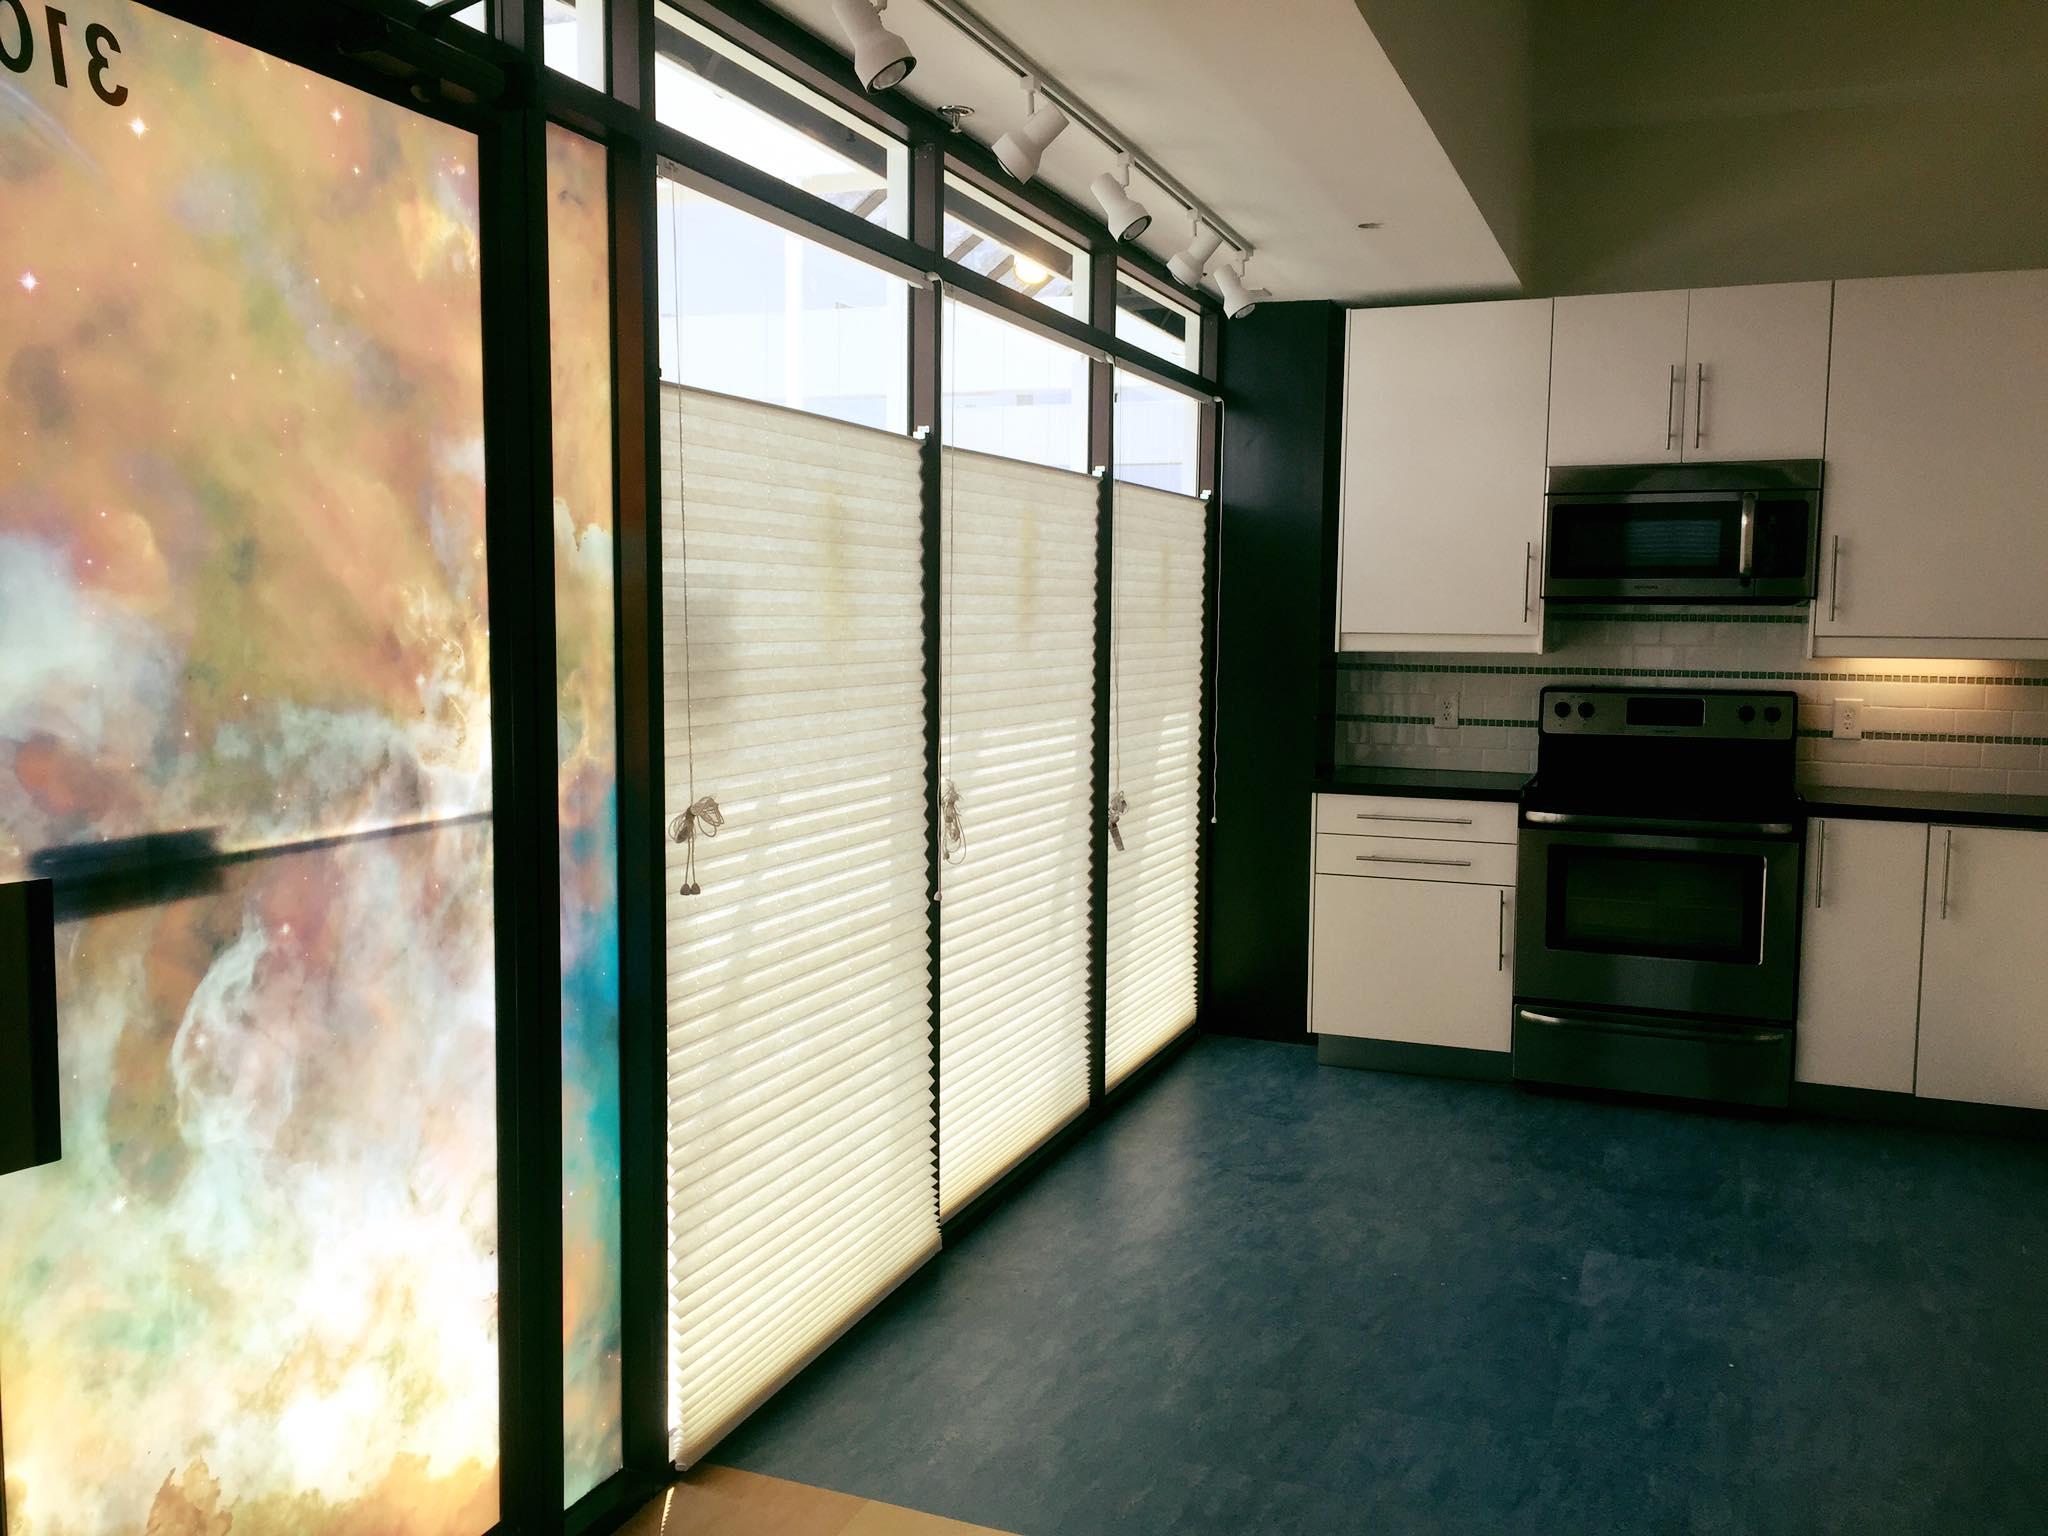 Aurora Apartments Roanoke Va